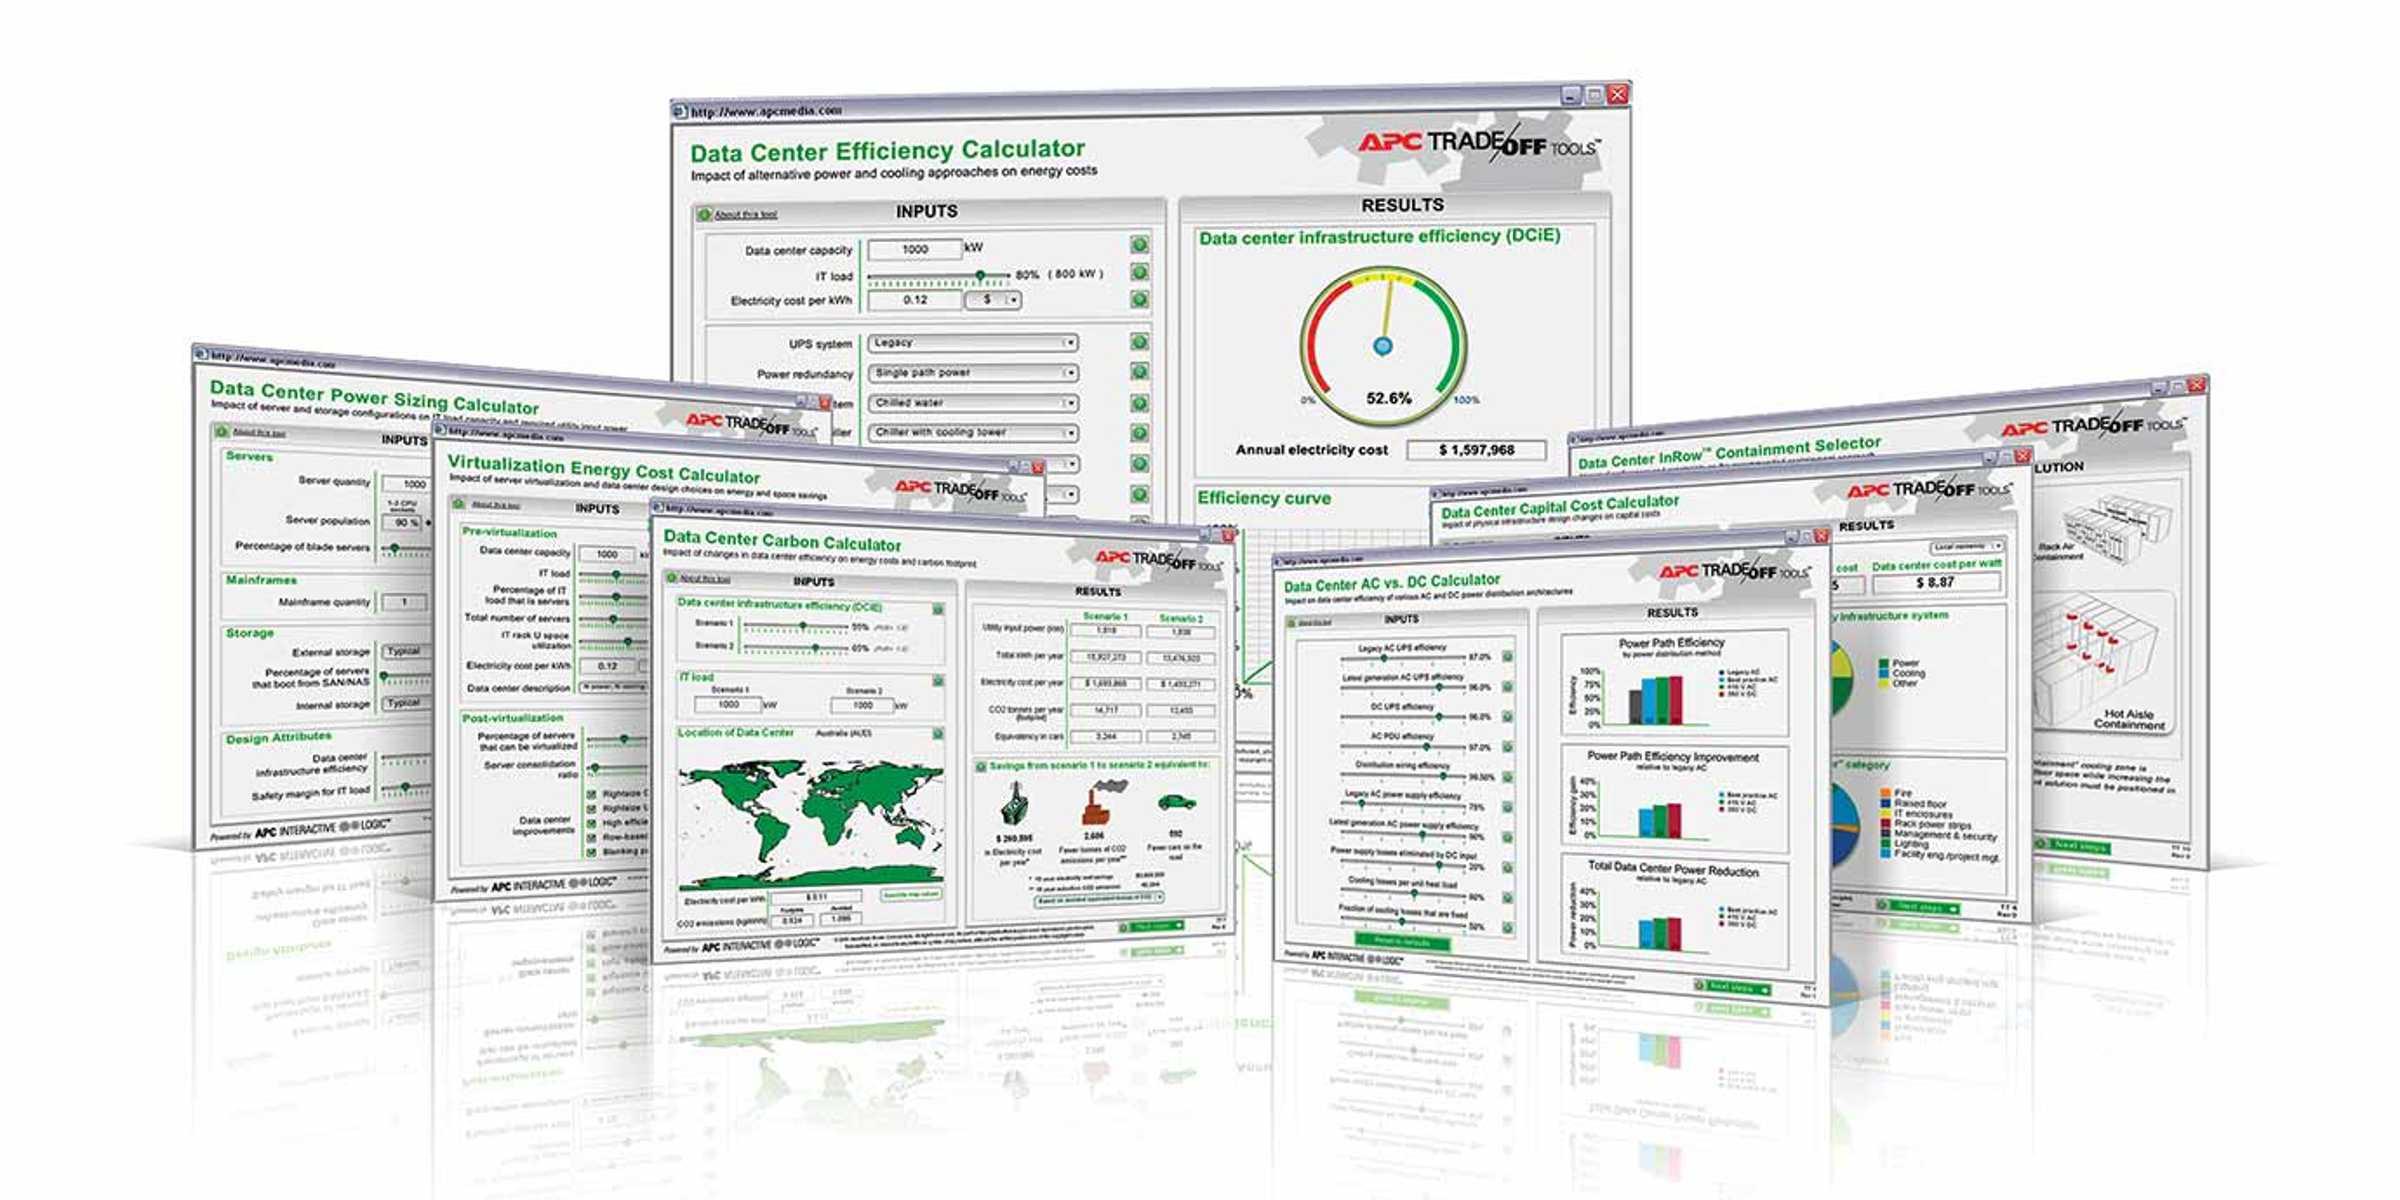 data center PUE trade off tool